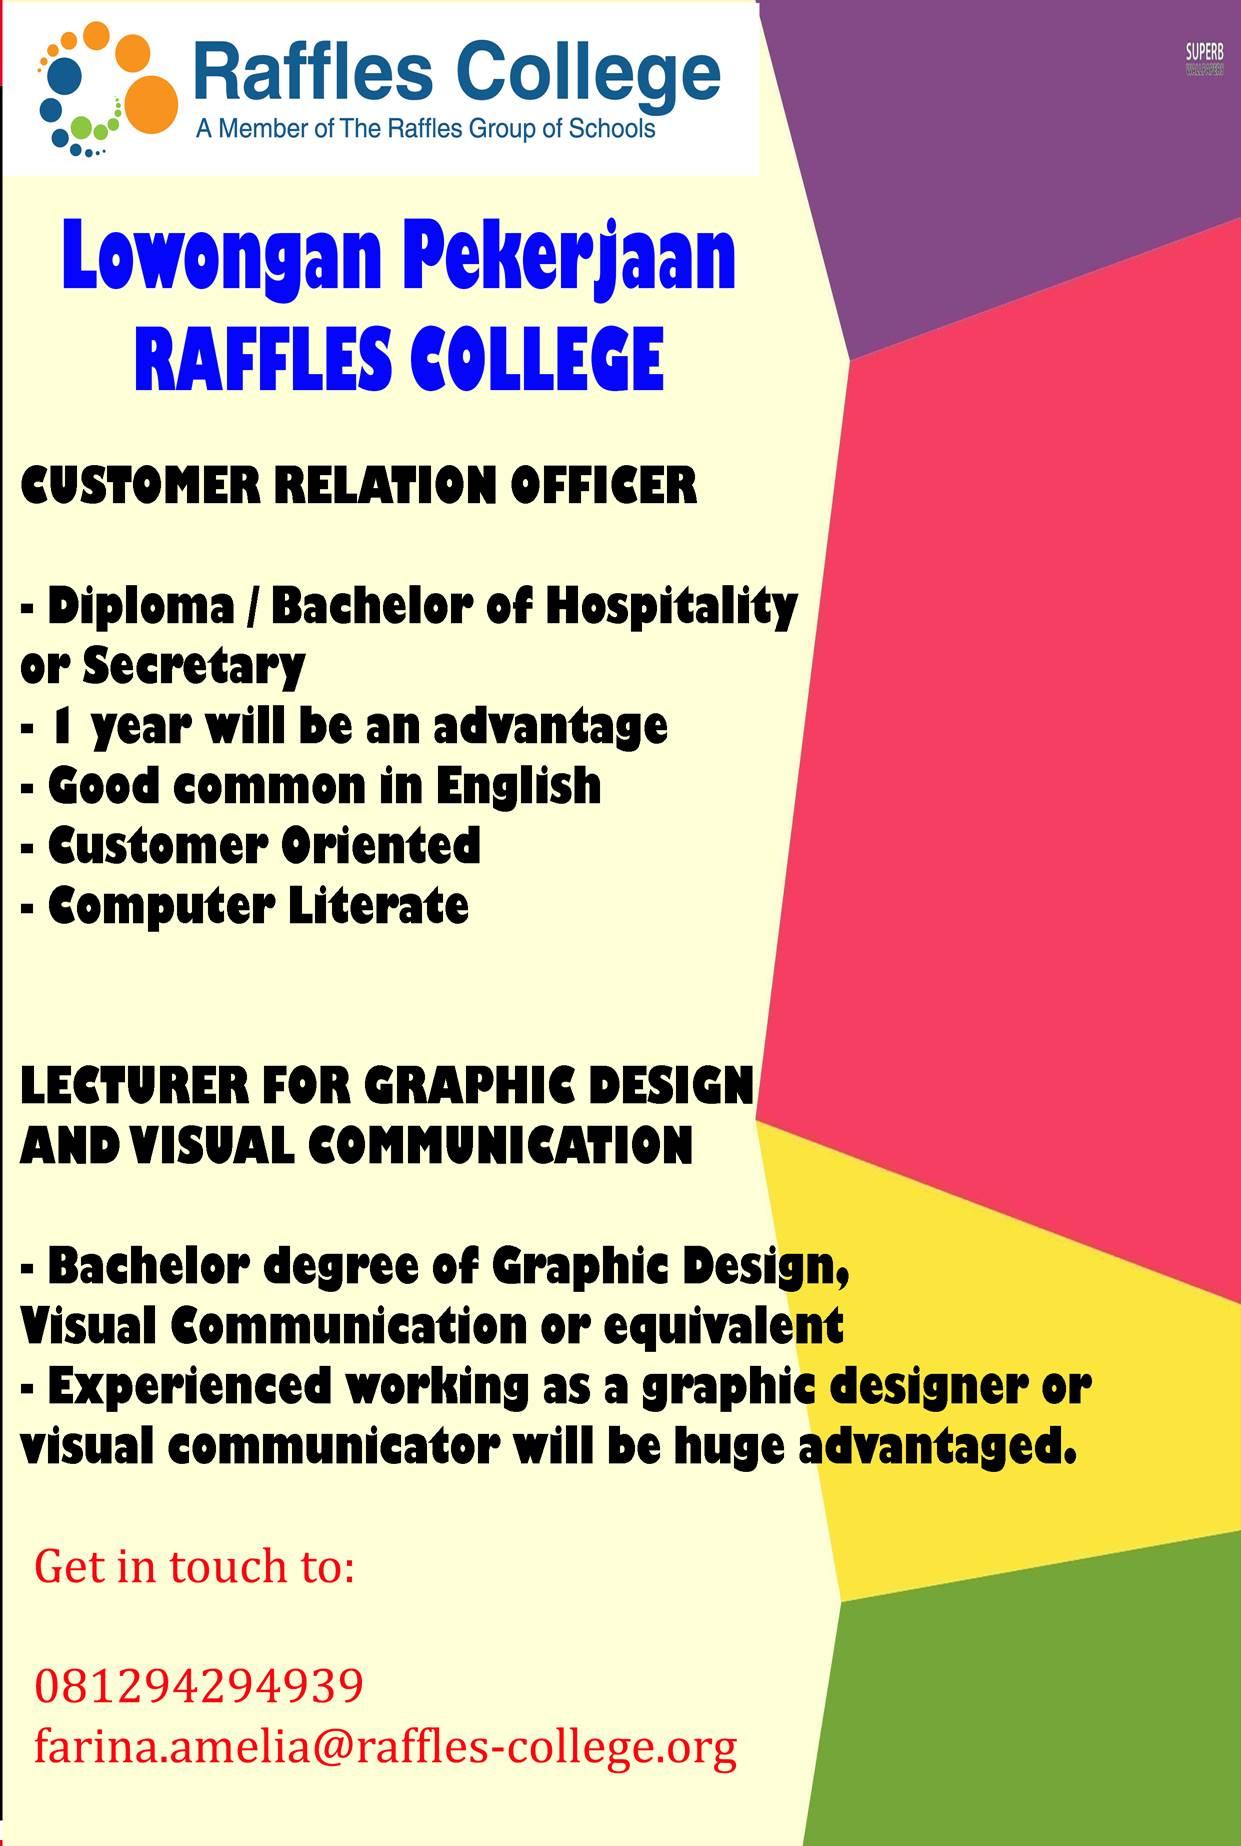 Lowongan Kerja Raffles College